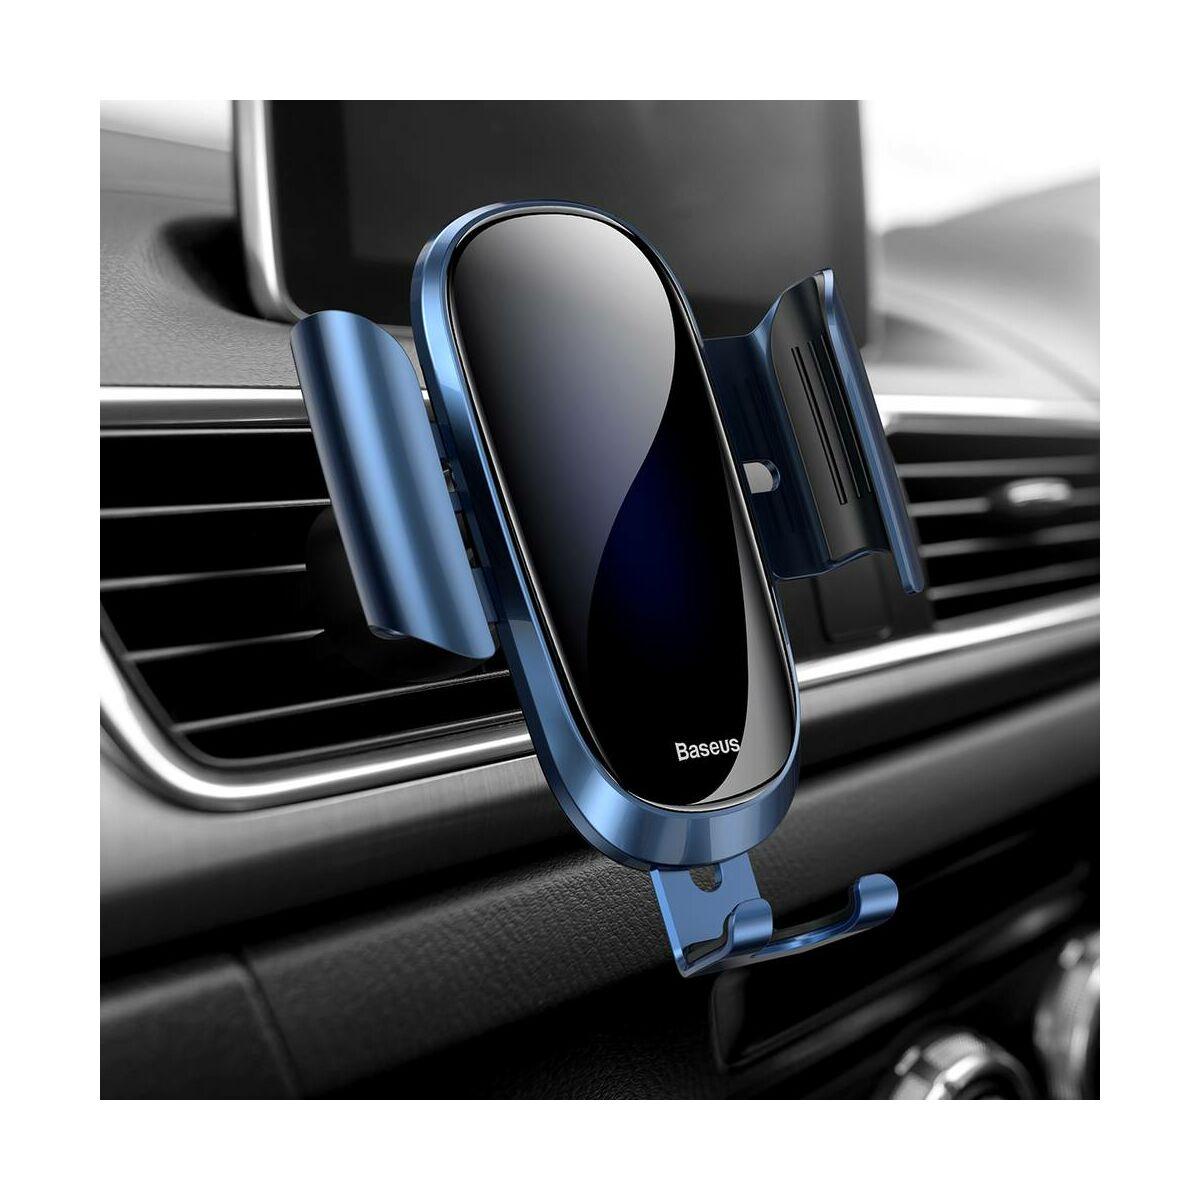 Baseus autós telefon tartó, Future, szellőzőrácsra, kék (SUYL-WL03)